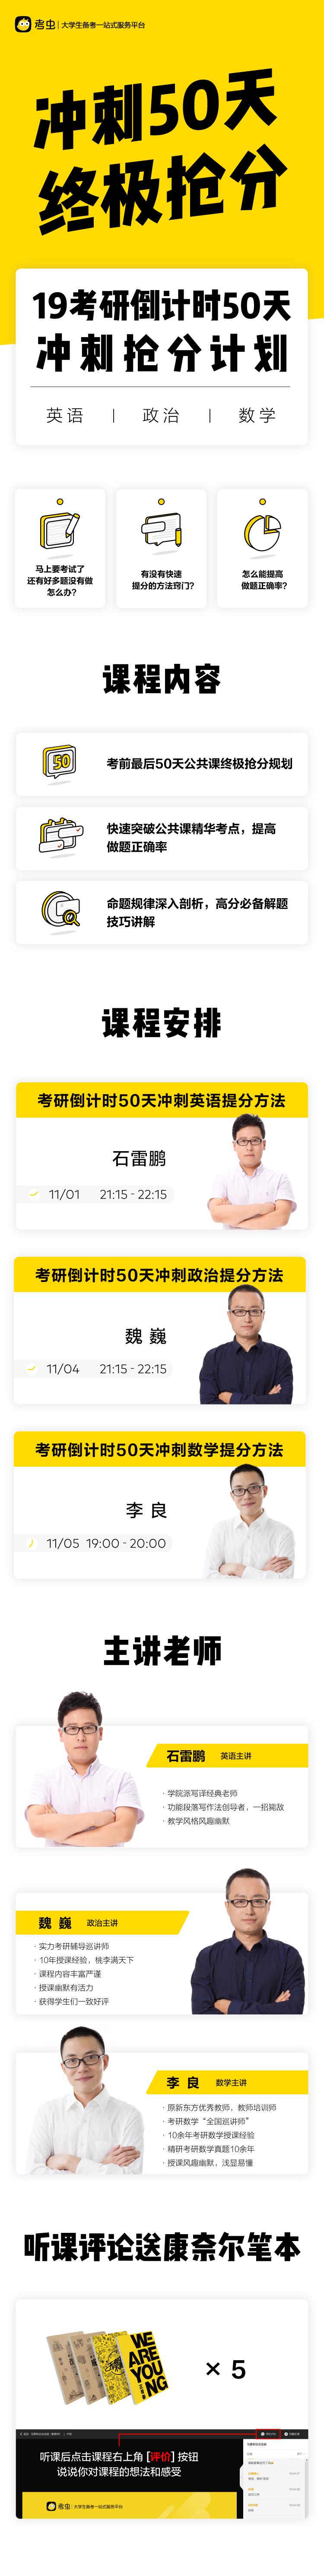 19考研冲刺50天详情图.jpg